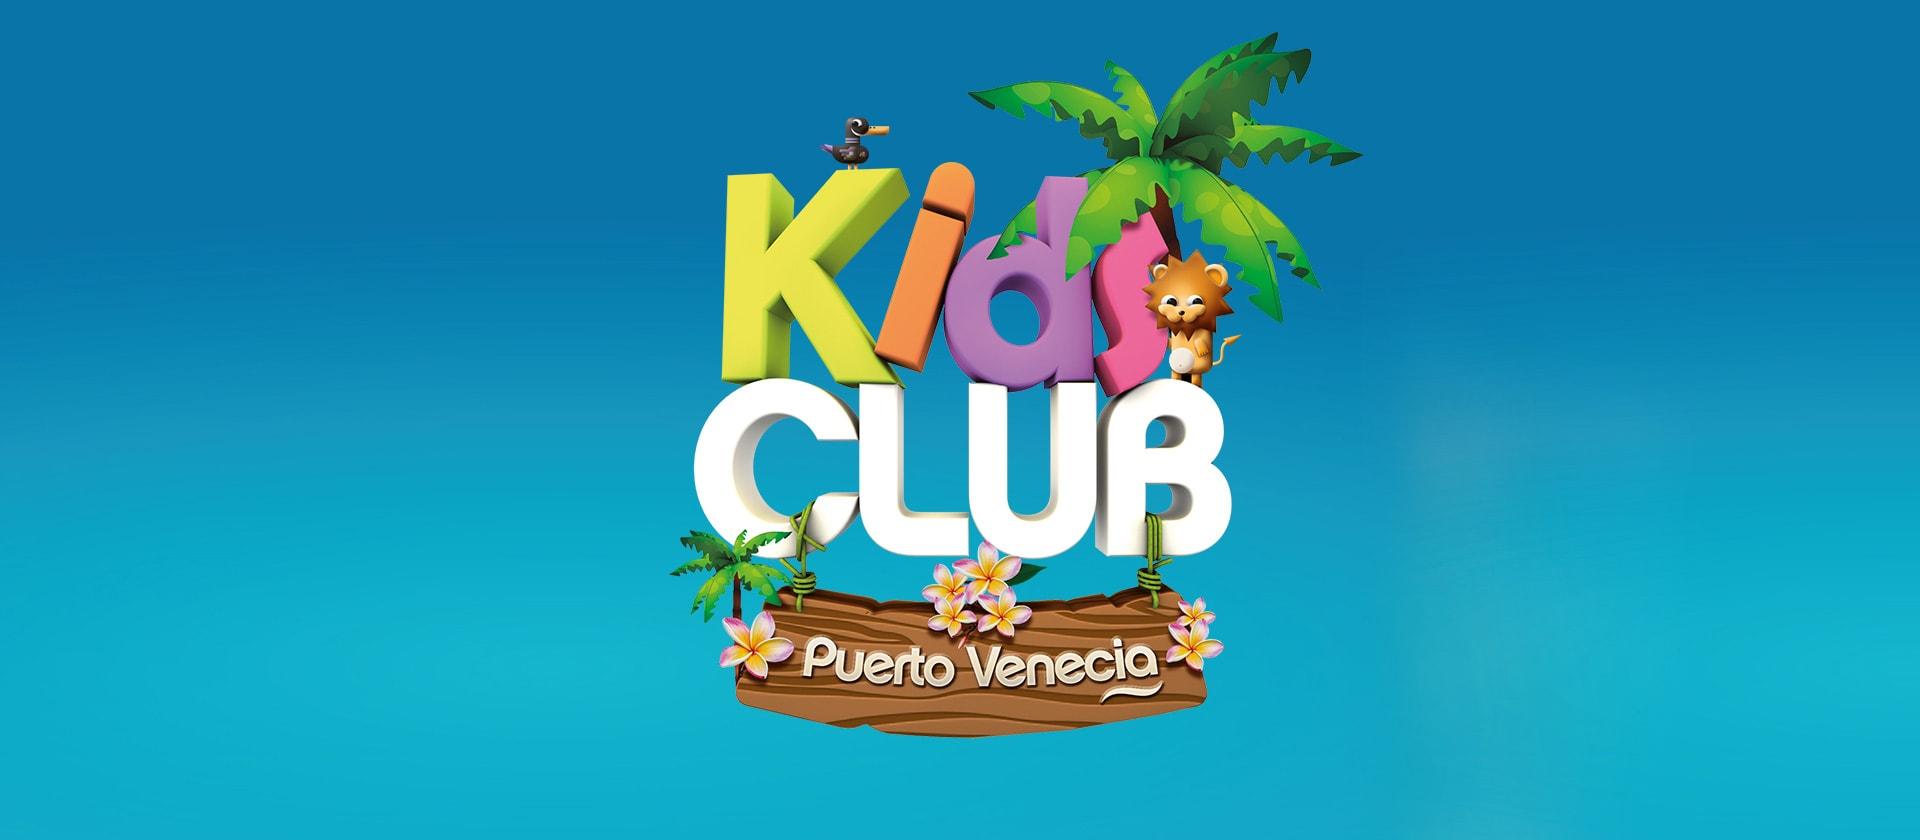 Creación, diseño gráfico e ilustración de personajes Kids Club Puerto Venecia